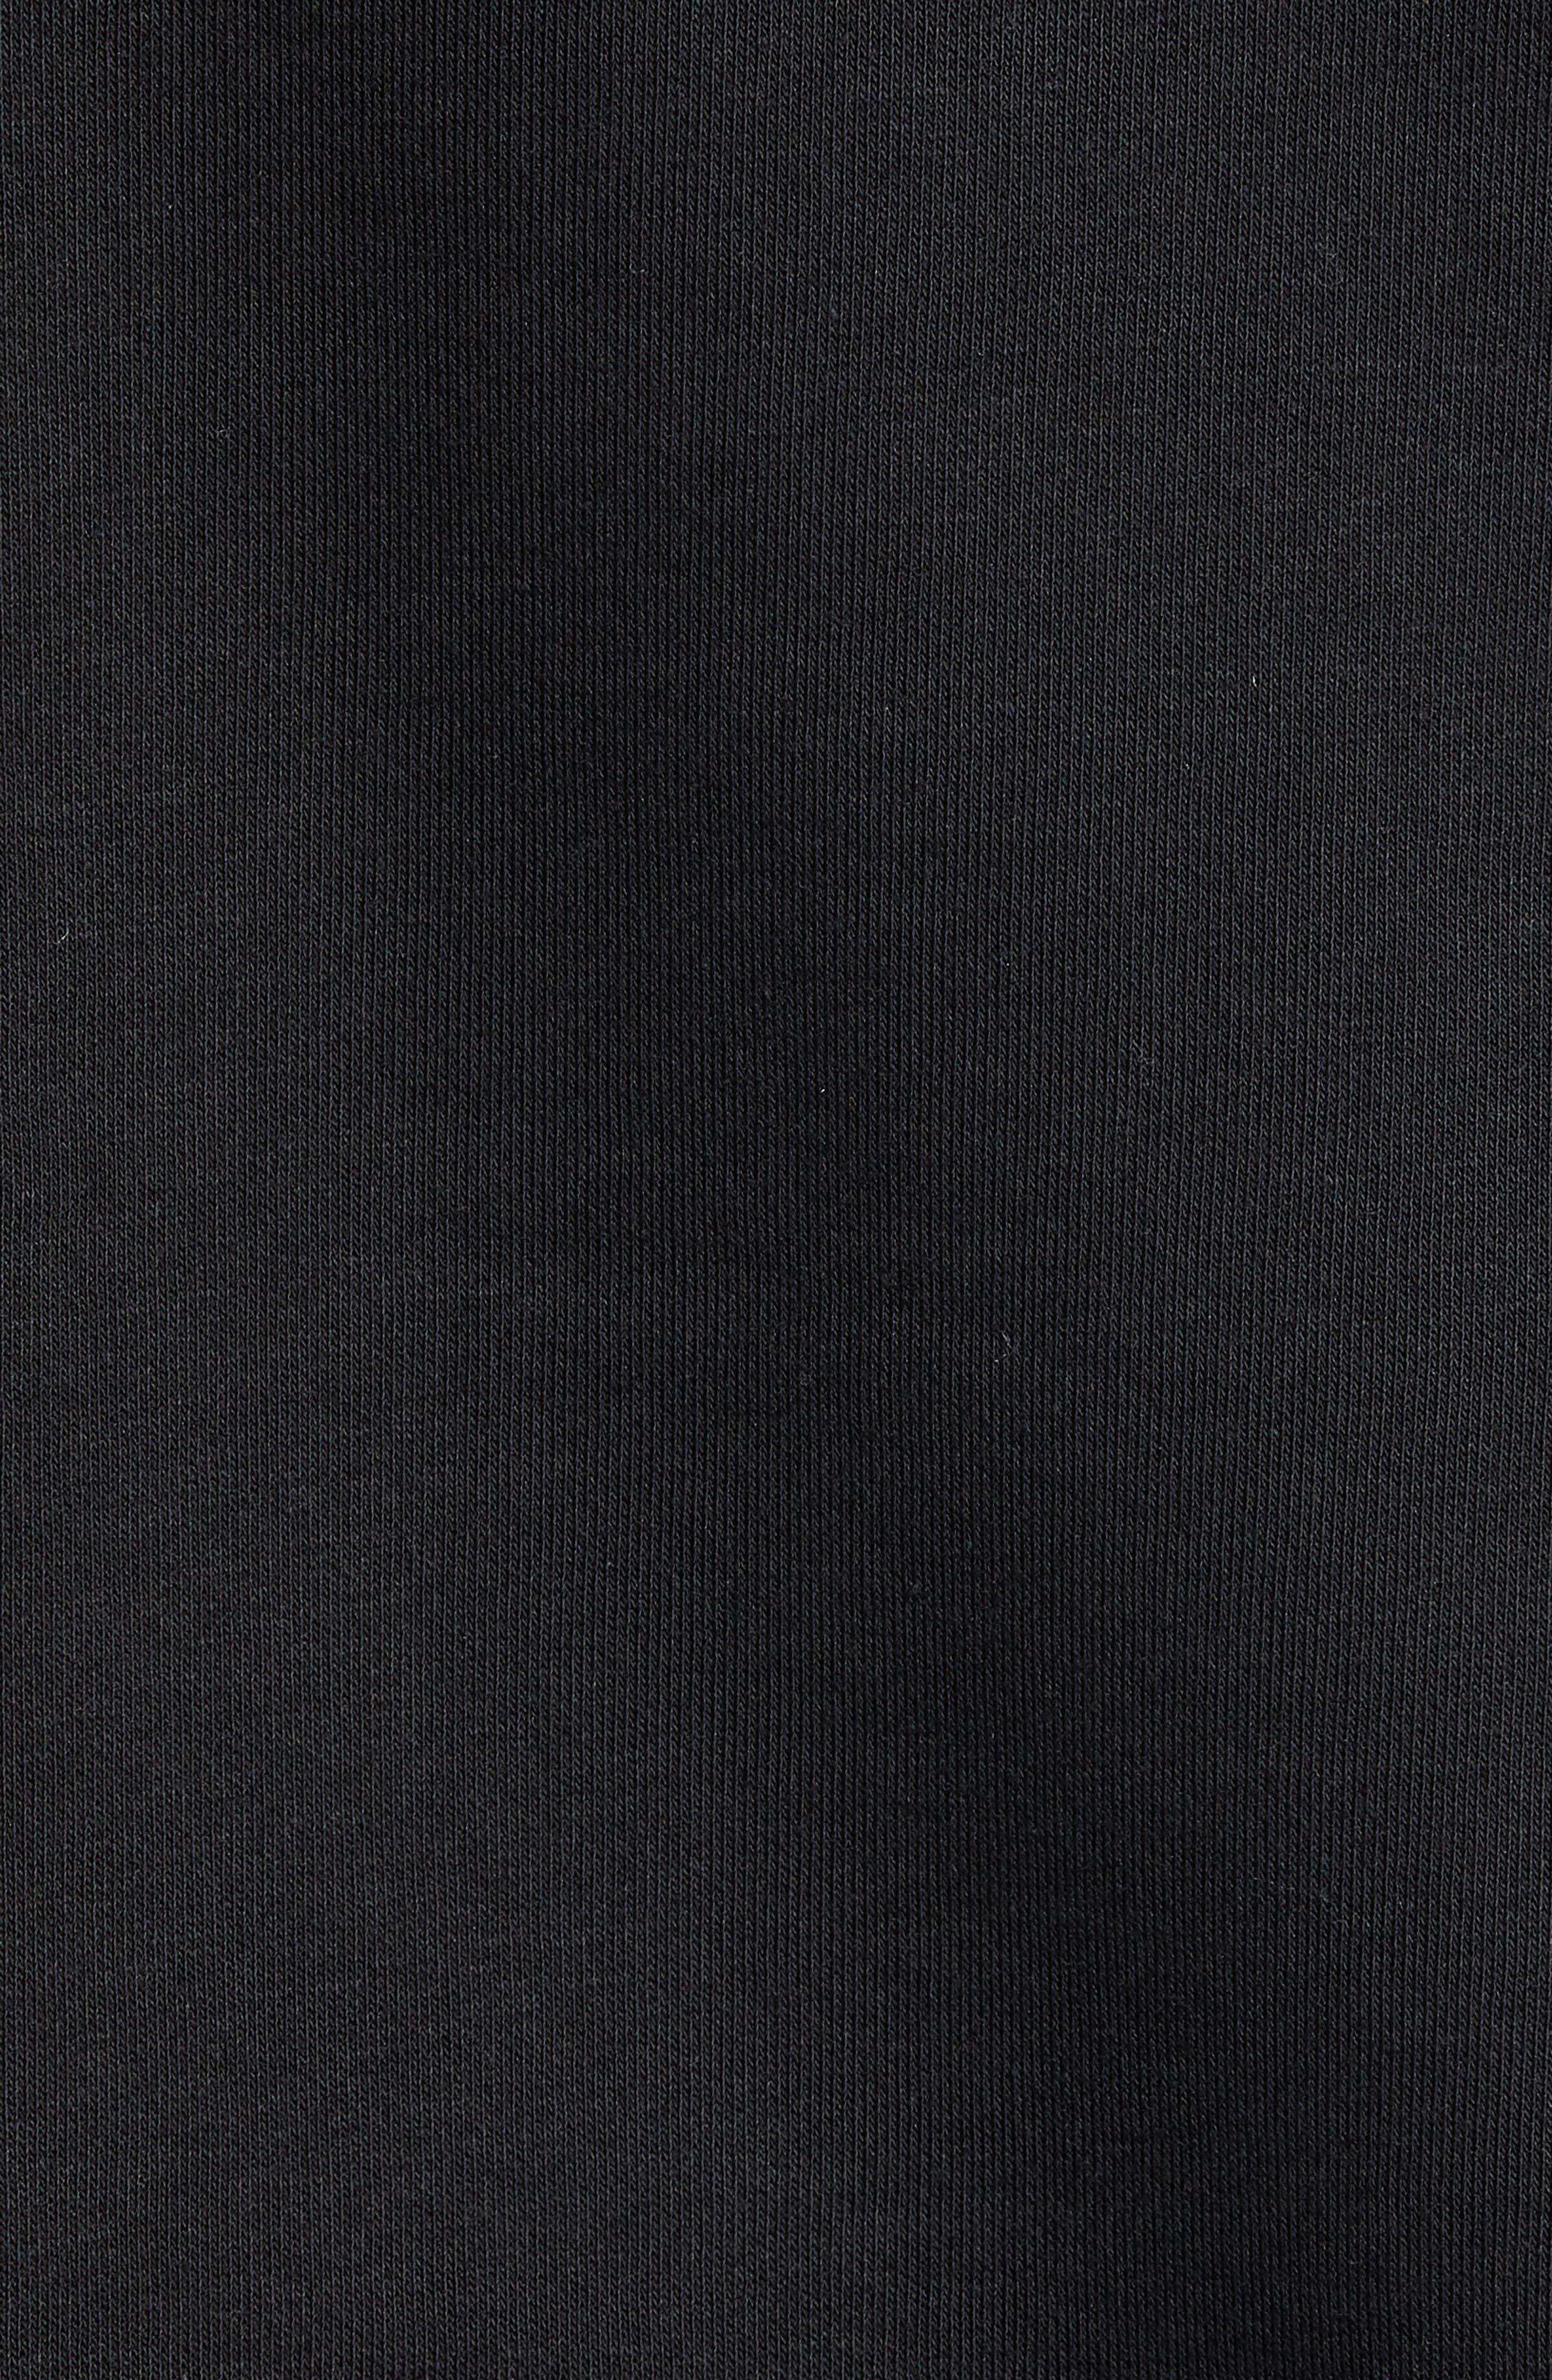 Authentic Esmio Pullover Hoodie,                             Alternate thumbnail 5, color,                             BLACK